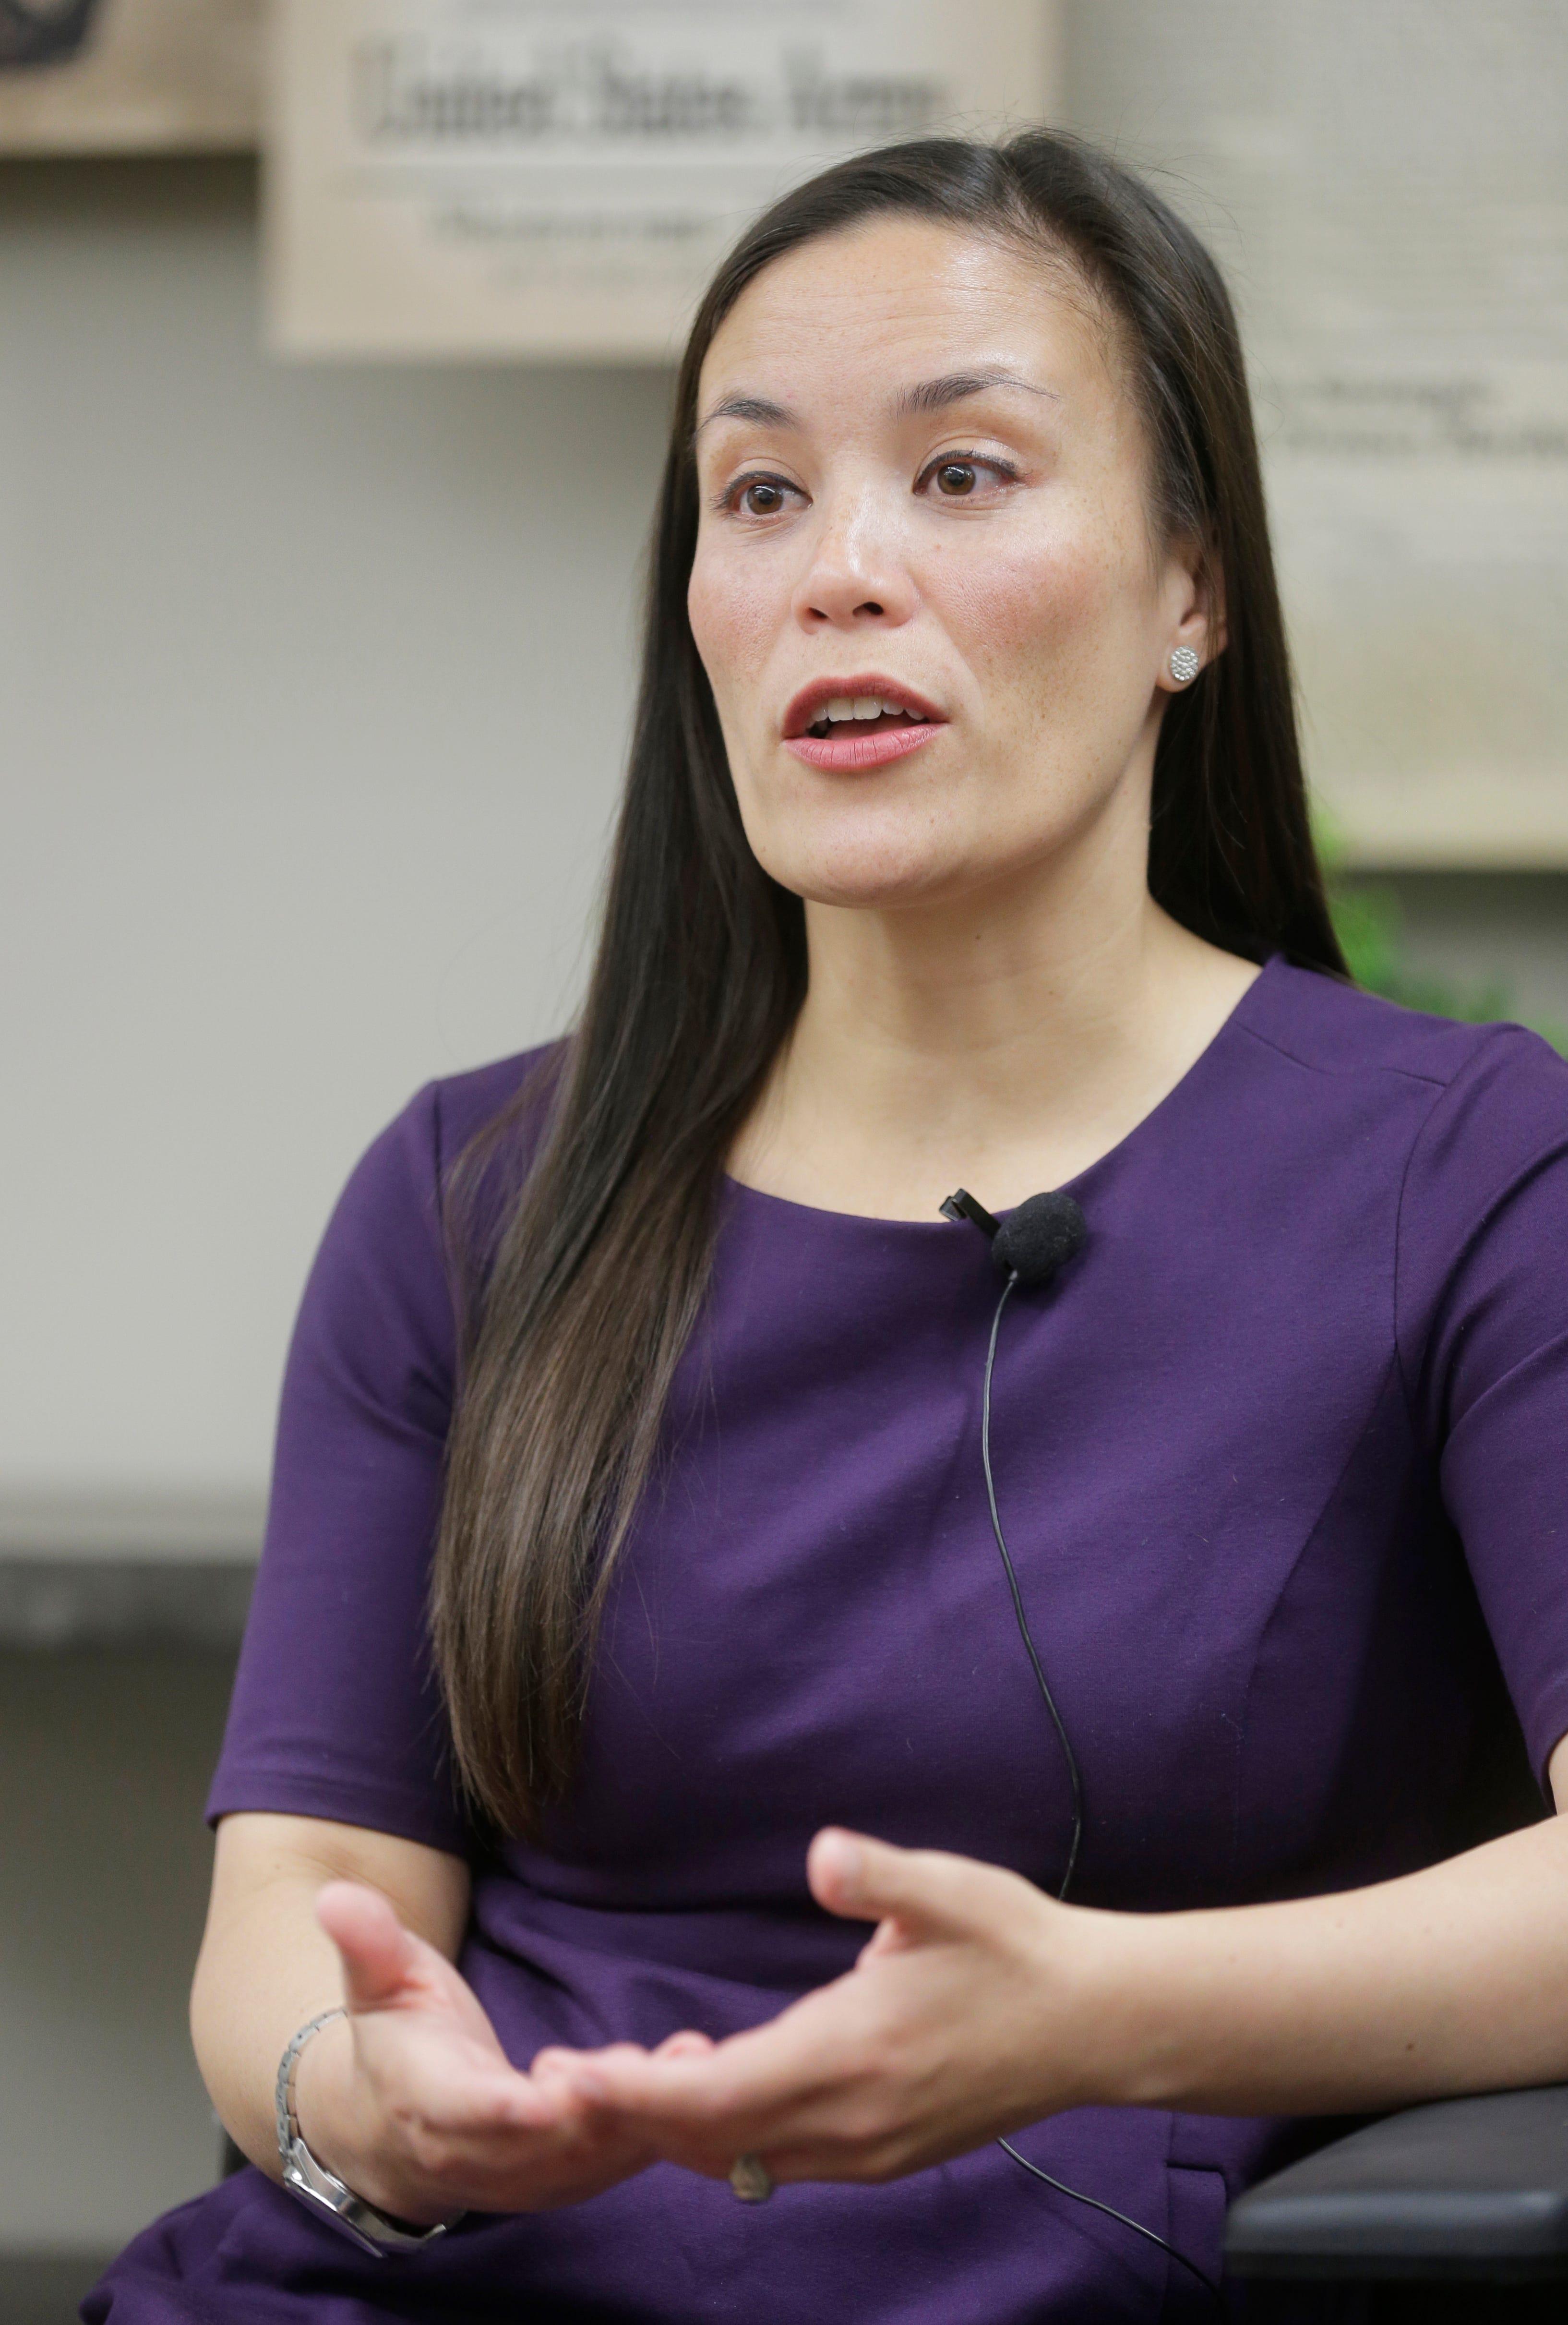 Democrat Gina Ortiz Jones visits El Paso ahead of Nov. 6 general election | El Paso Times